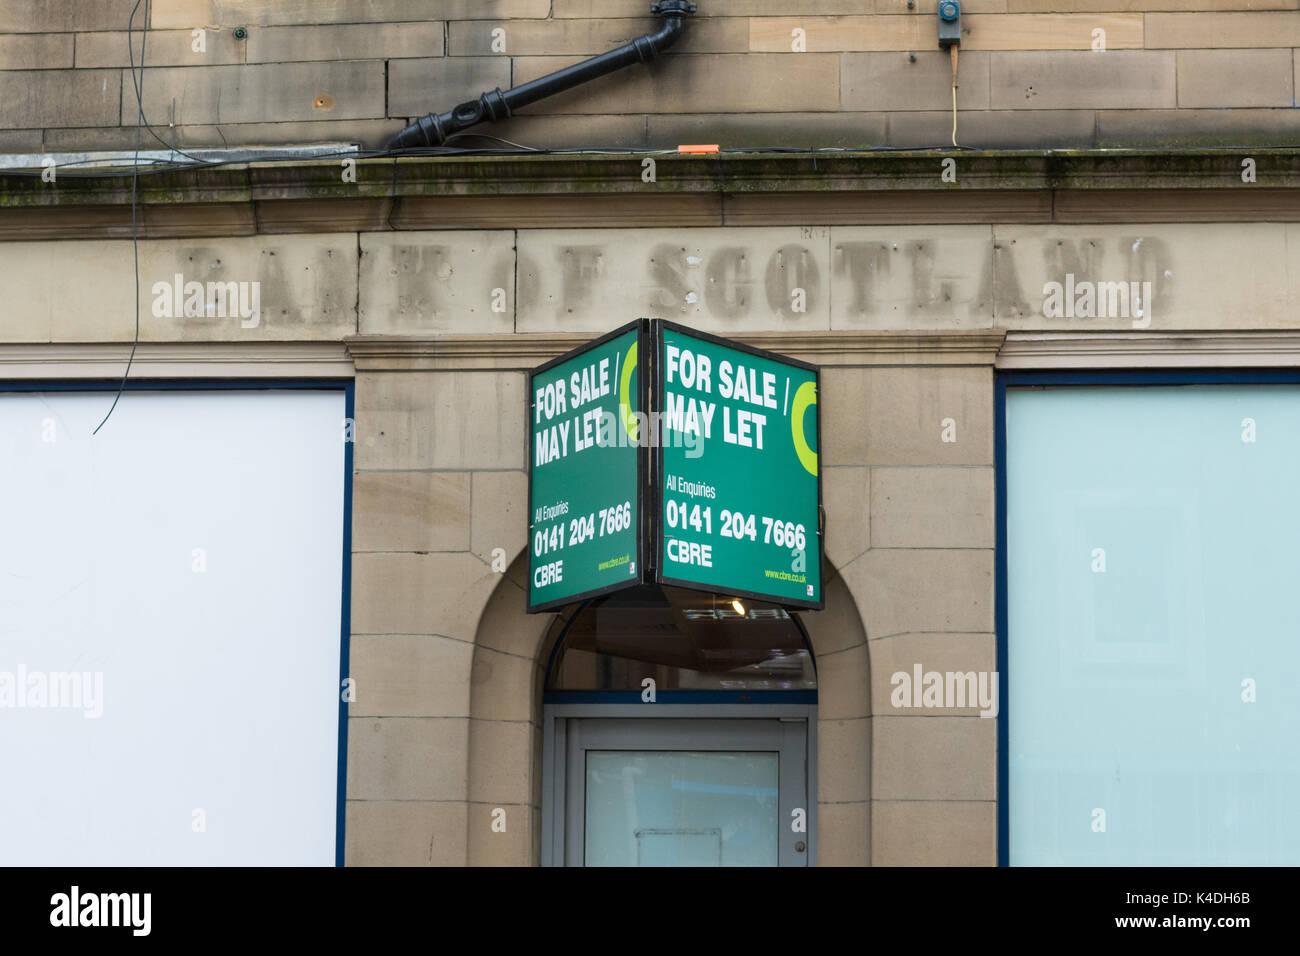 Direction générale de la Banque d'Écosse, fermé, Perth, Ecosse, Royaume-Uni Photo Stock